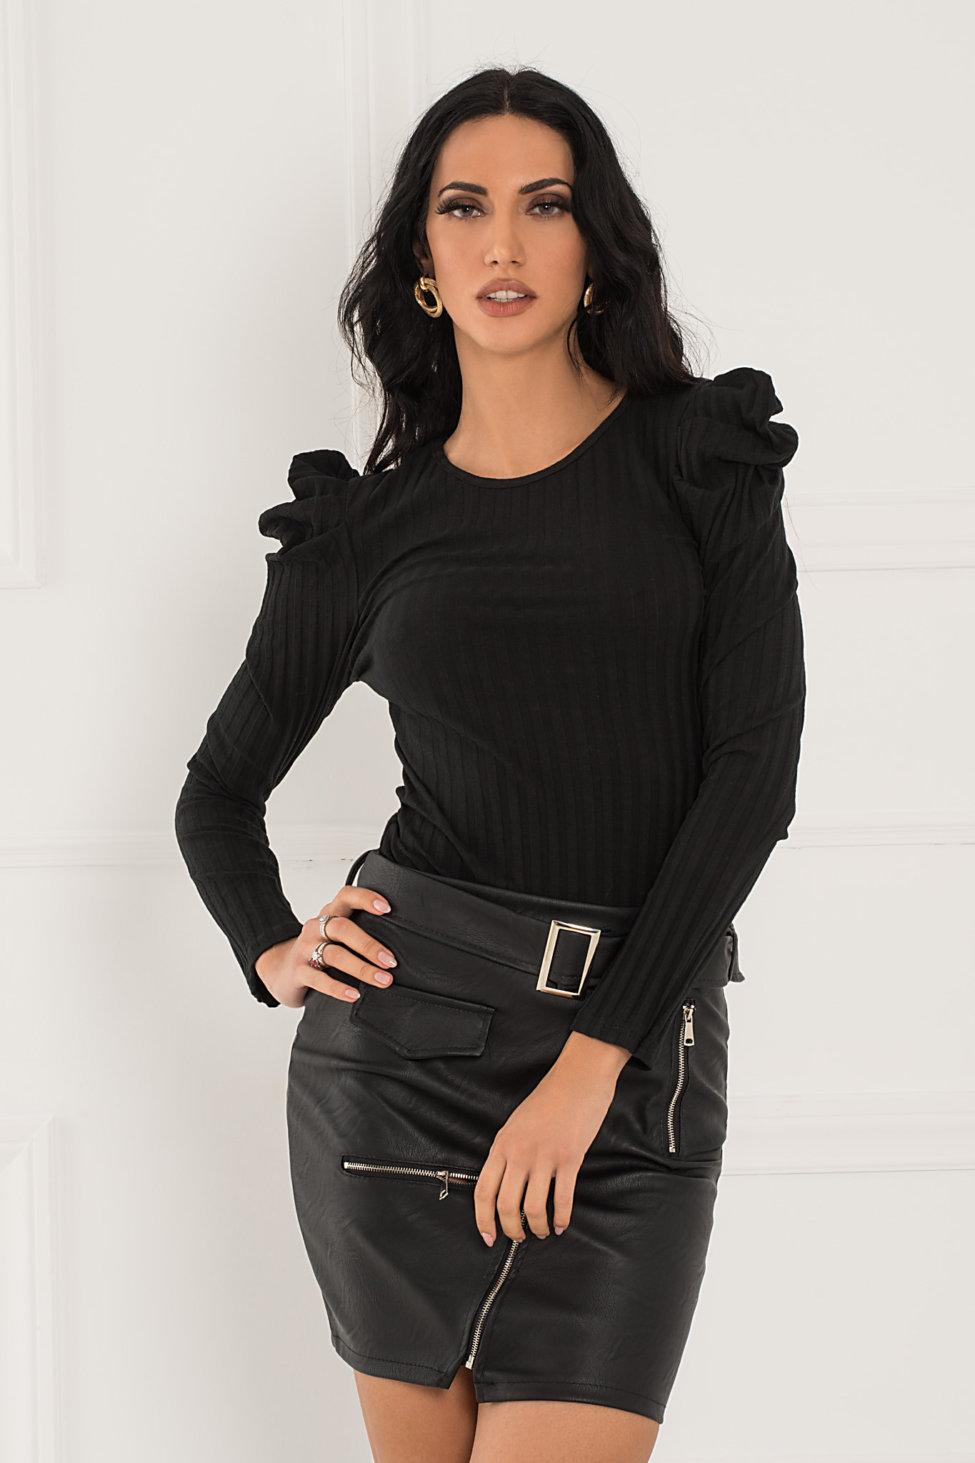 Pirro μπλούζα μαύρο